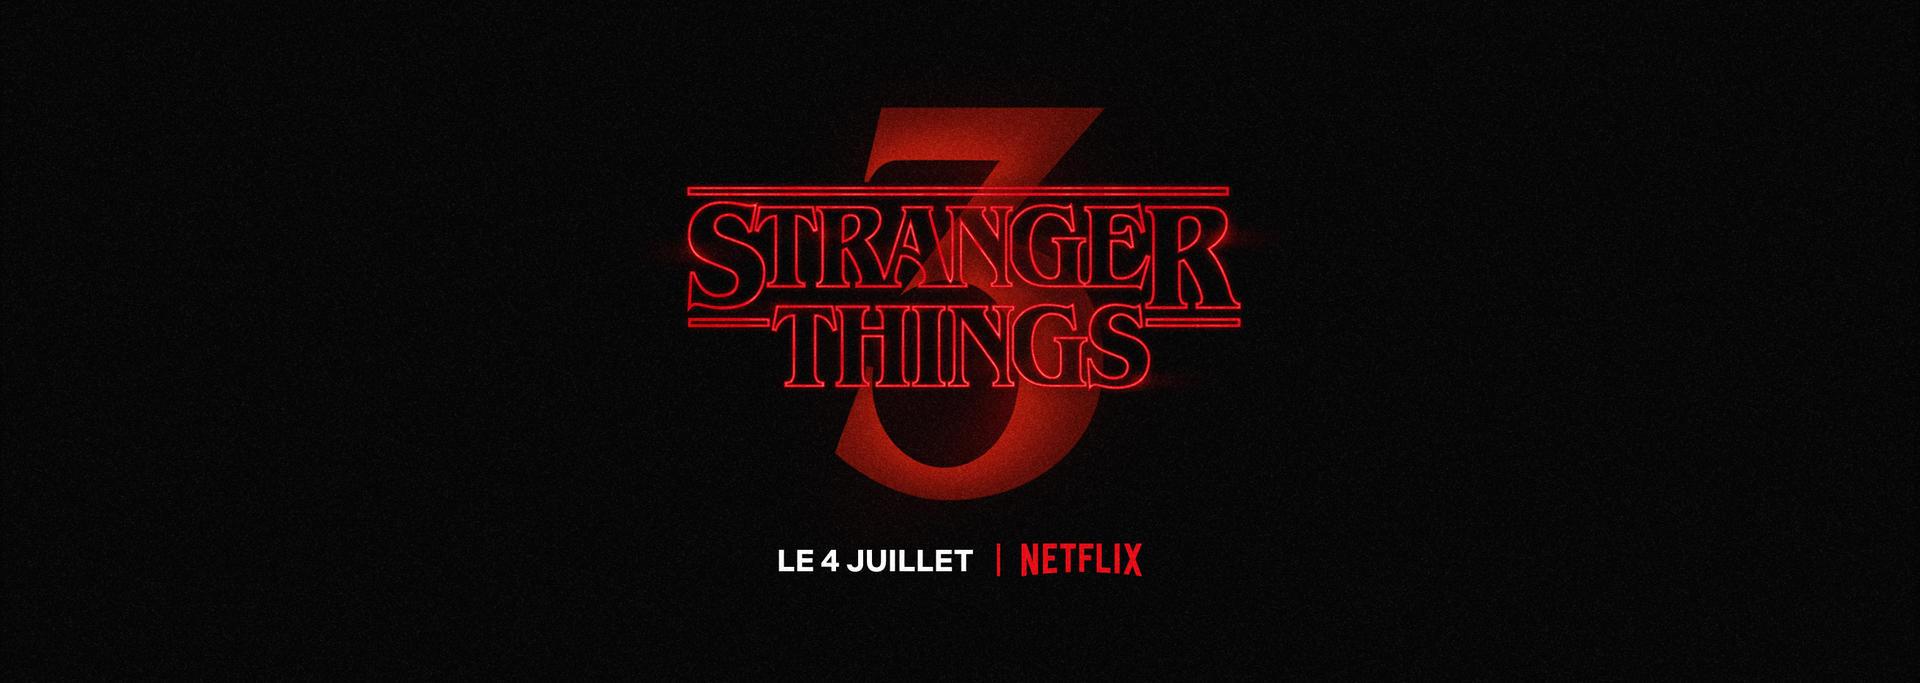 Strangers Things Saison 3 sur Netflix